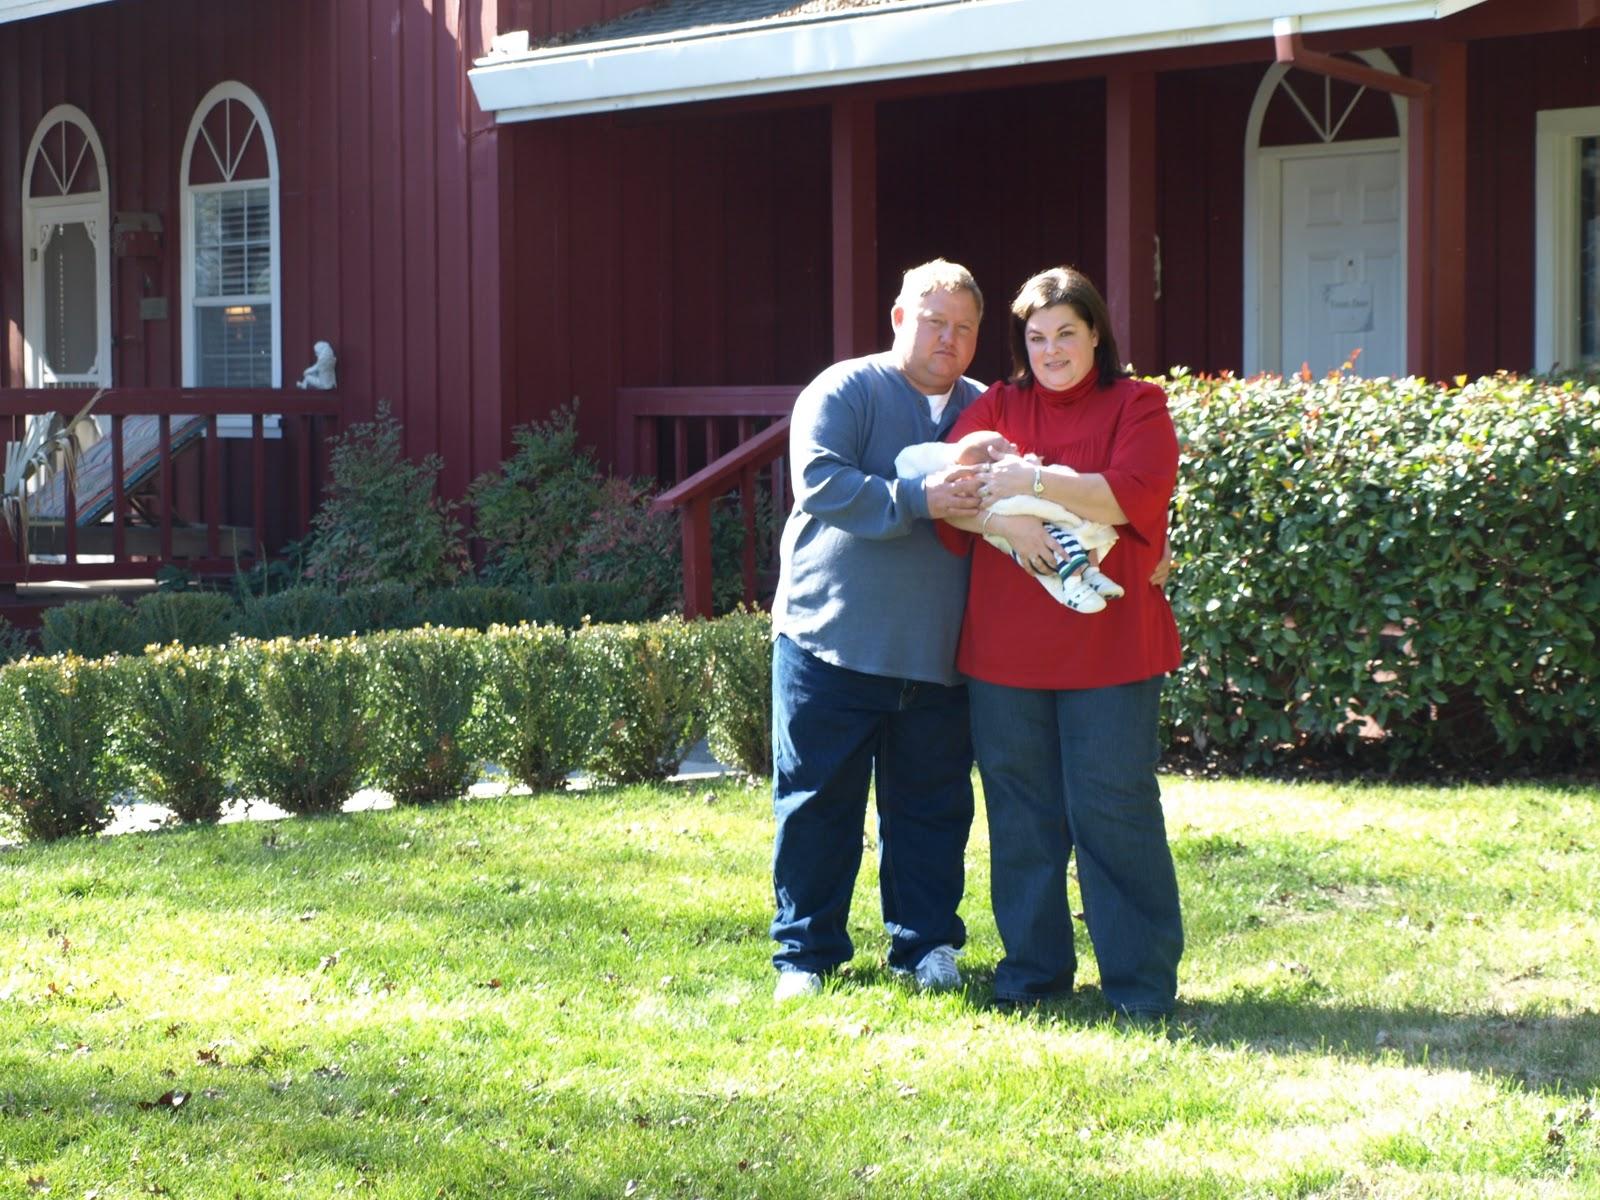 lifetime adoption center needs adoptive families for these lifetime adoption center needs adoptive families for these adoption situations